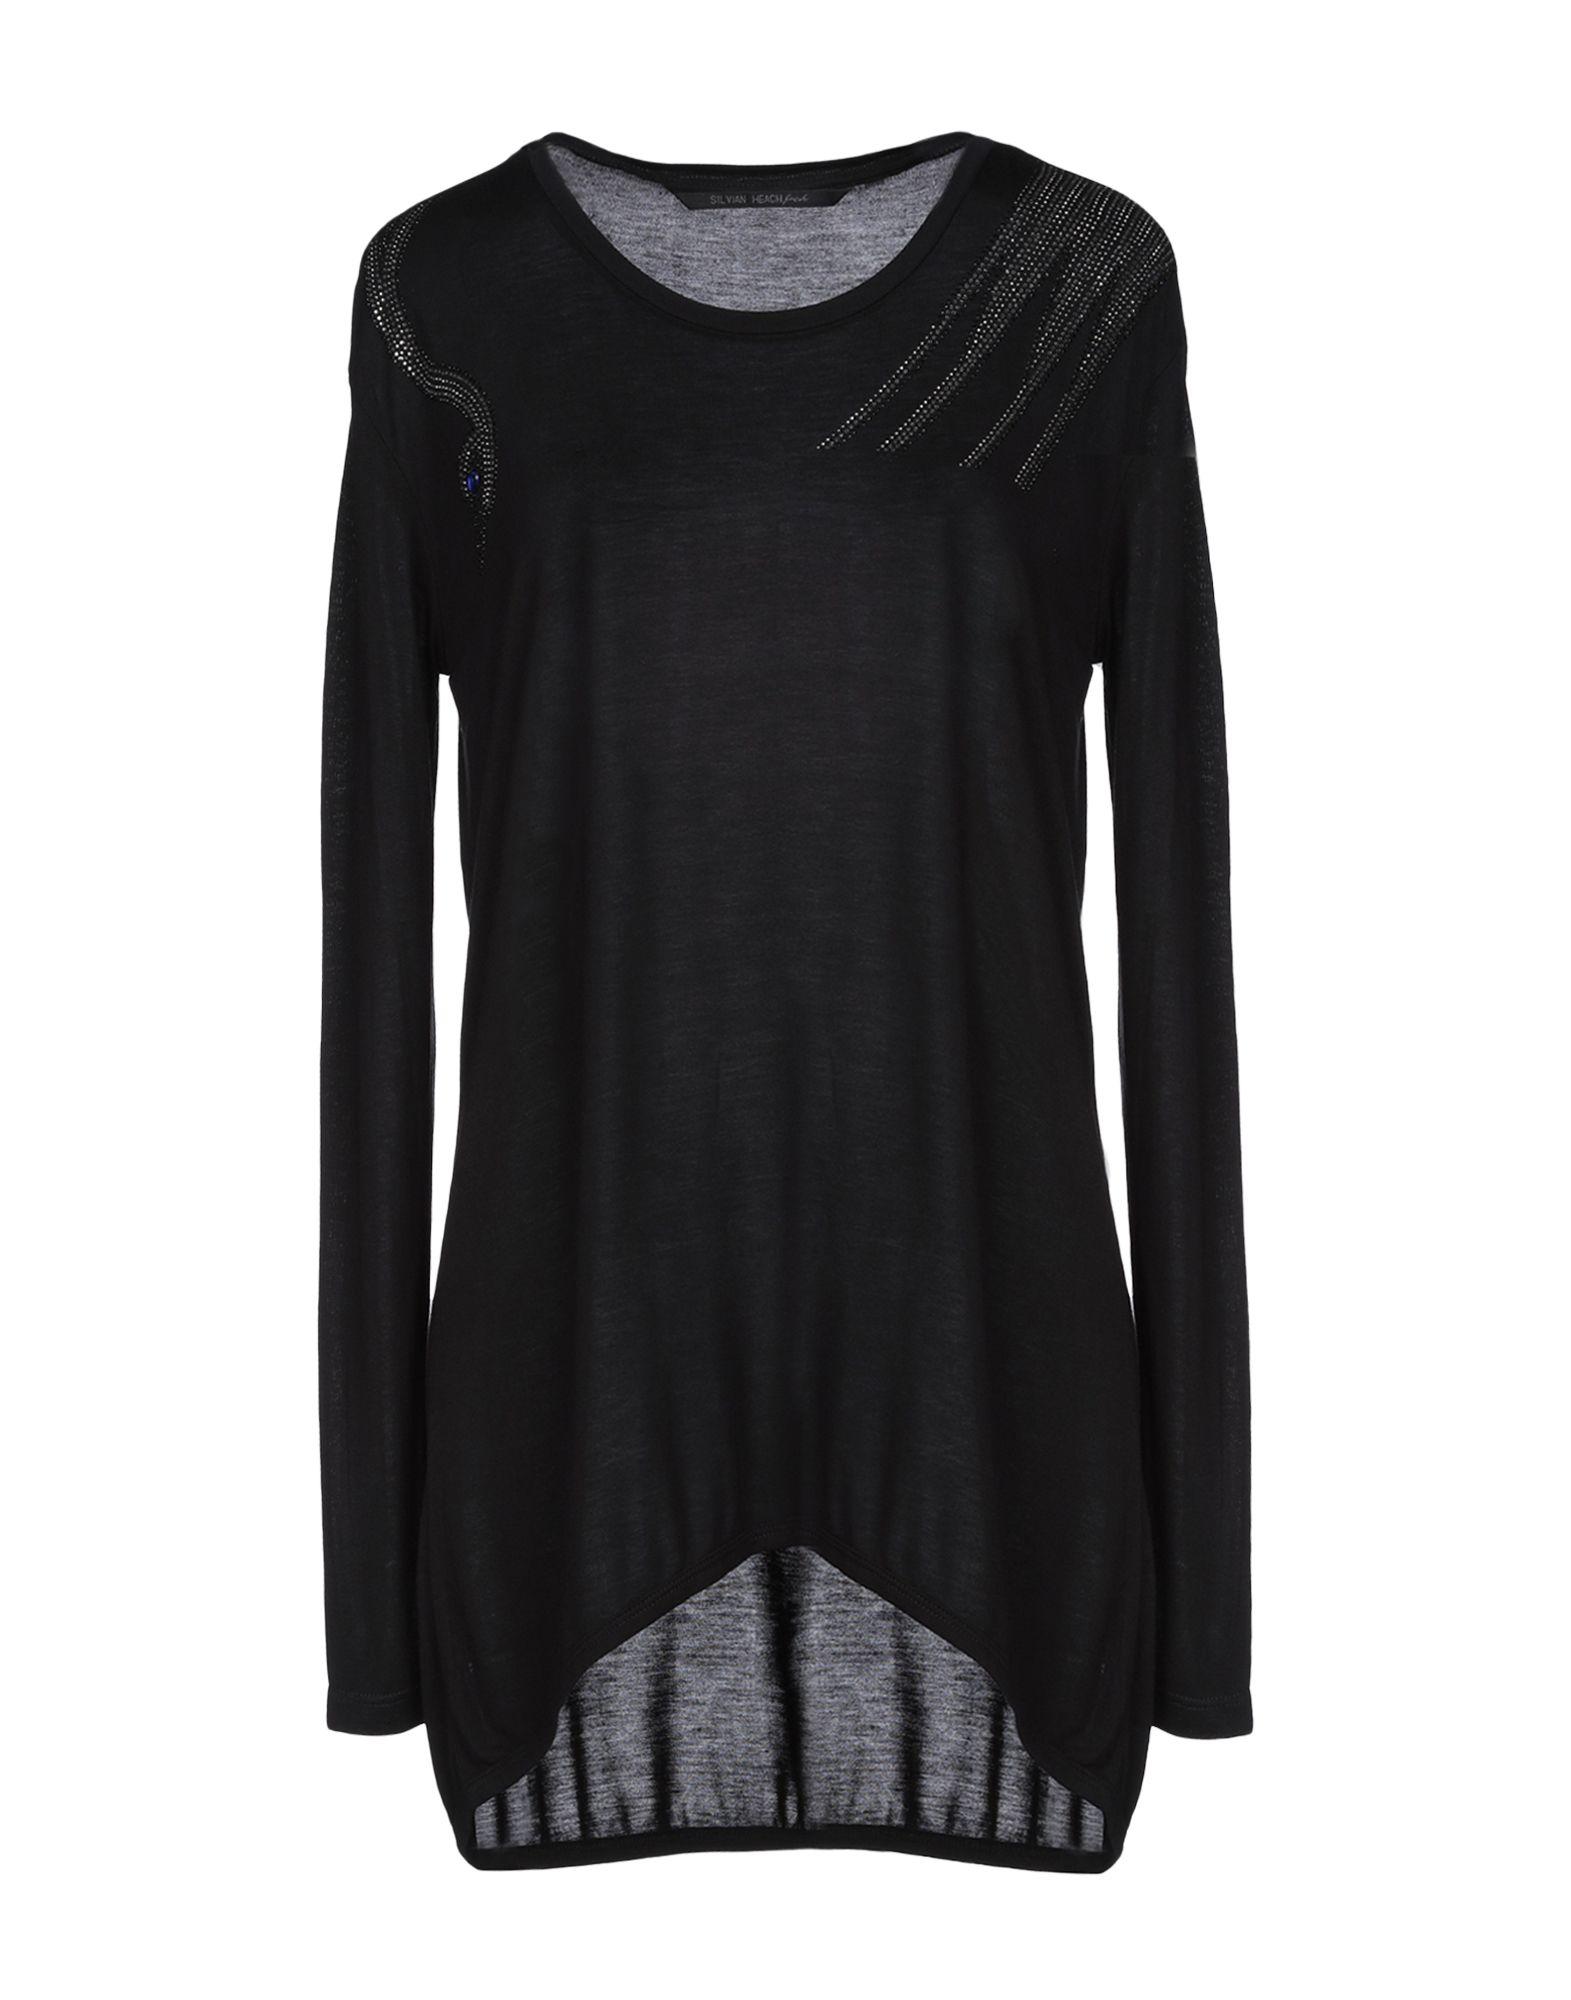 《送料無料》SILVIAN HEACH レディース T シャツ ブラック XS レーヨン 100%